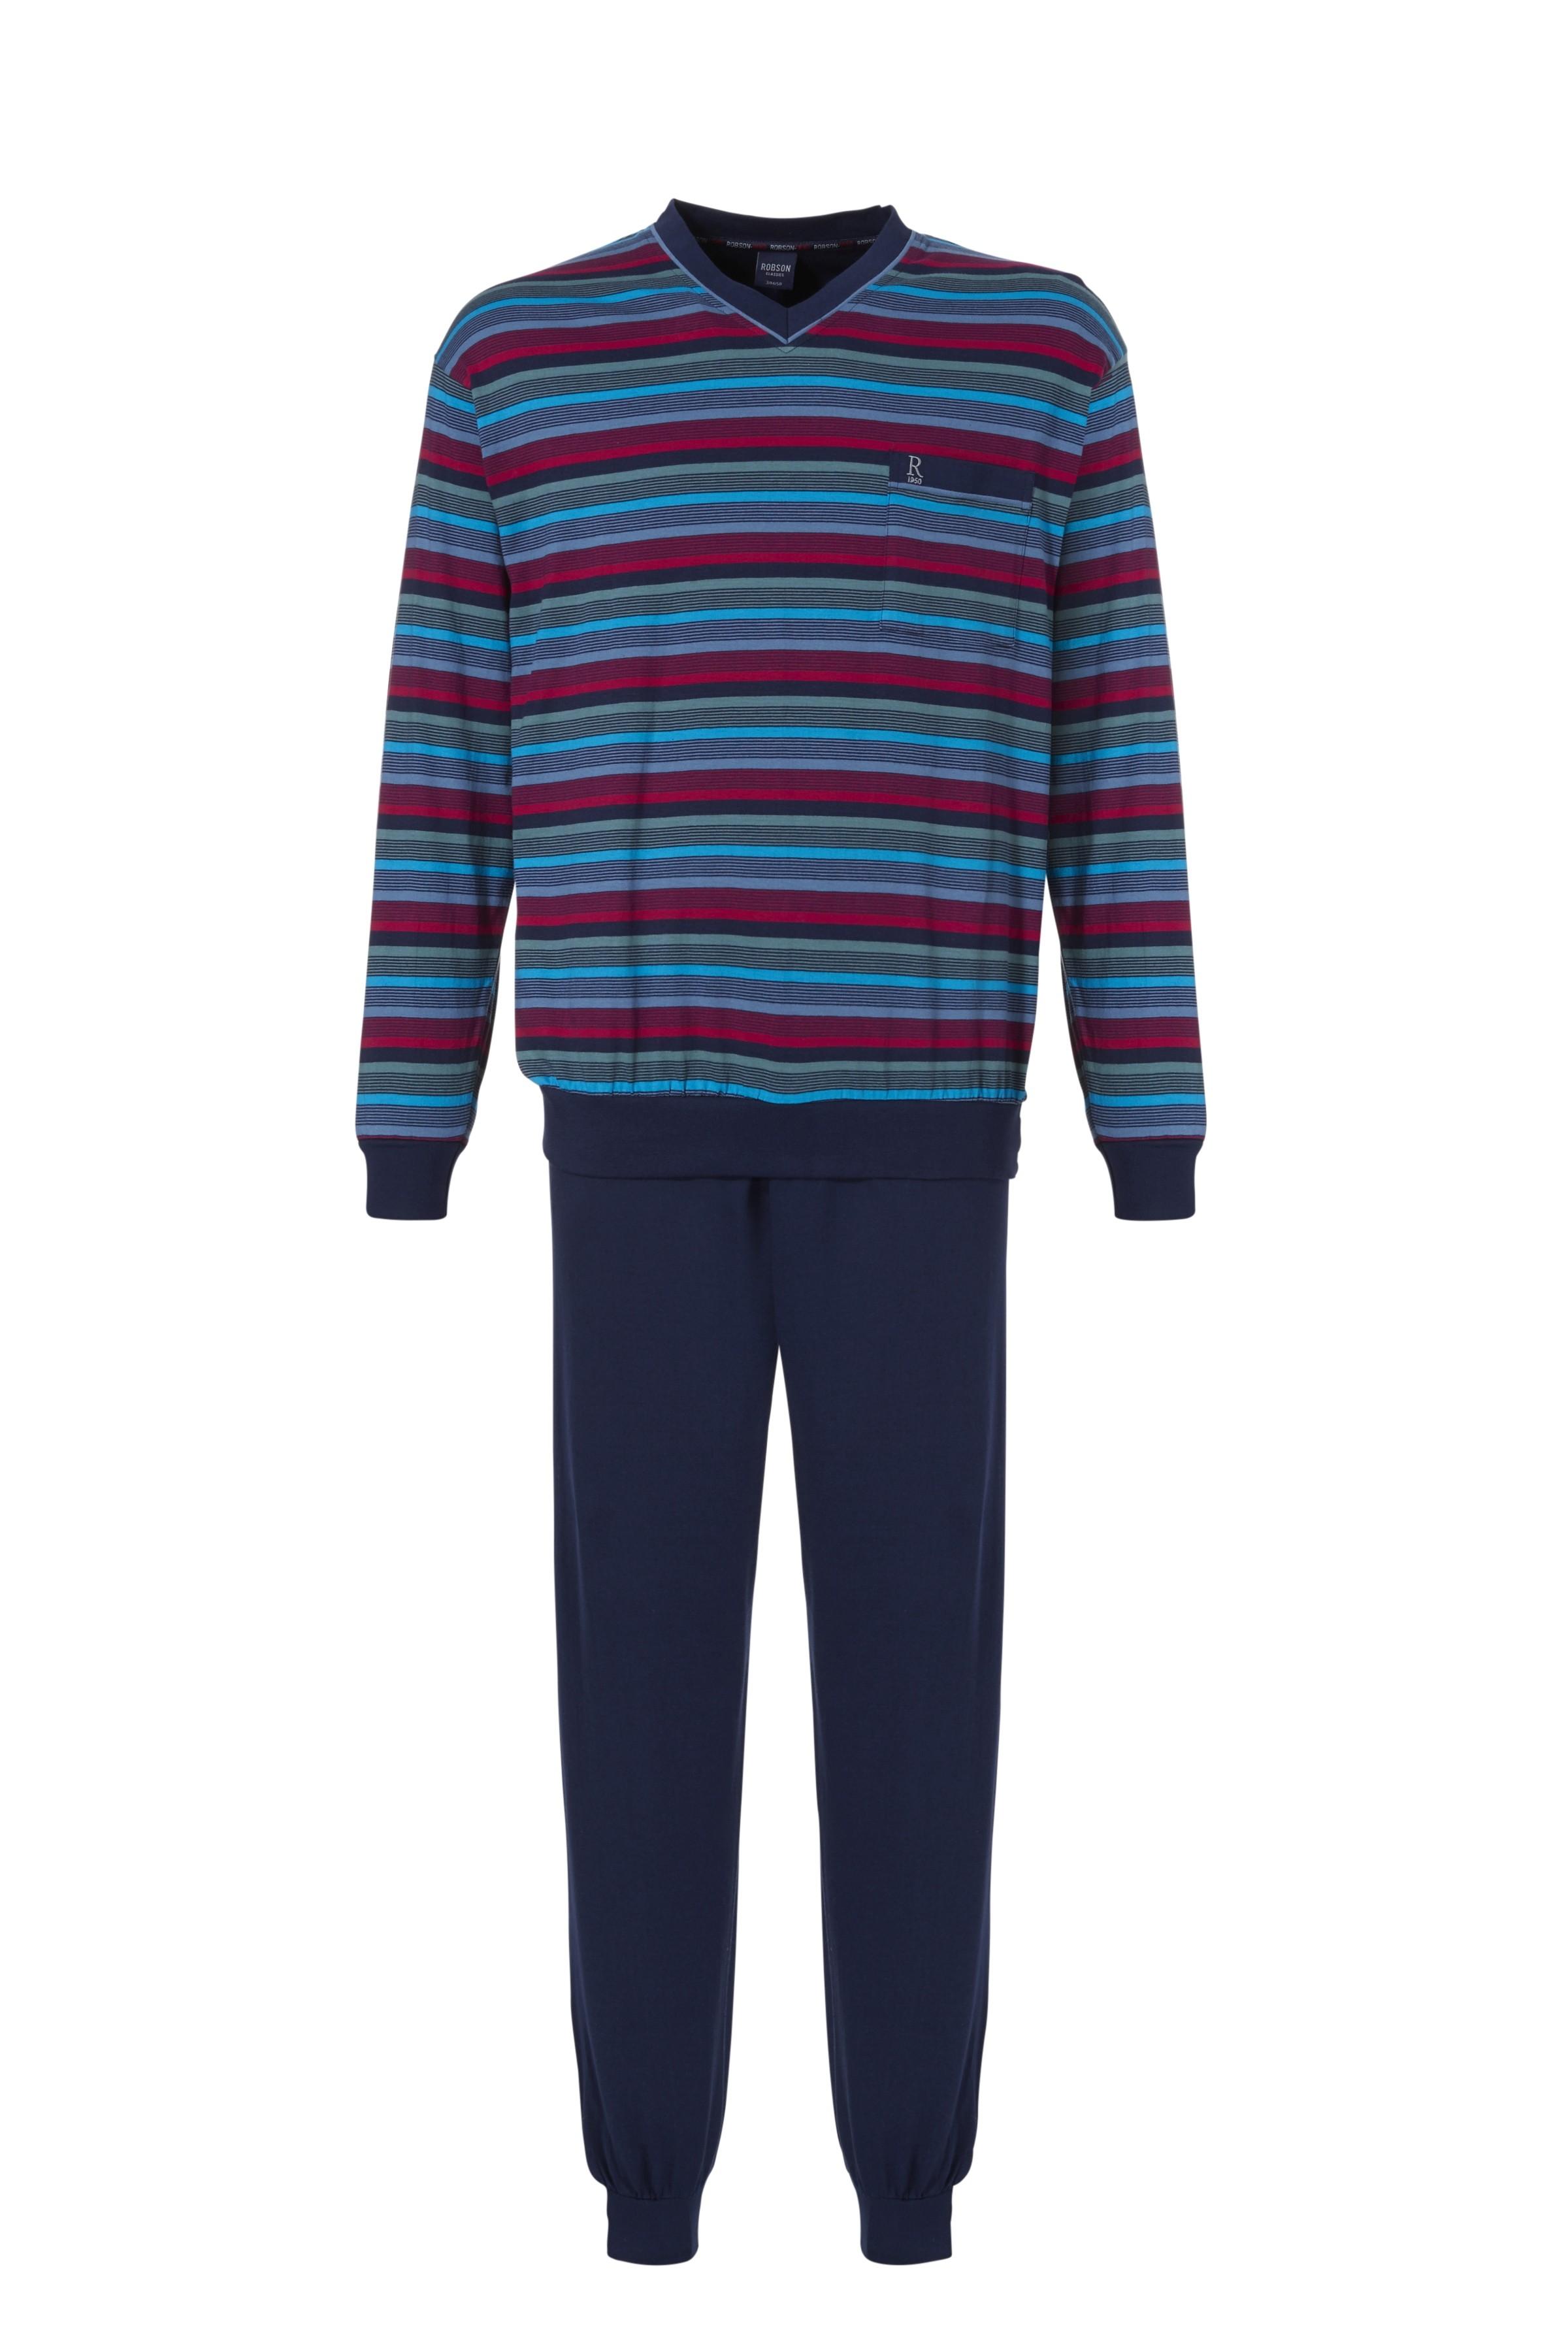 Heren pyjama Robson 724-2-54